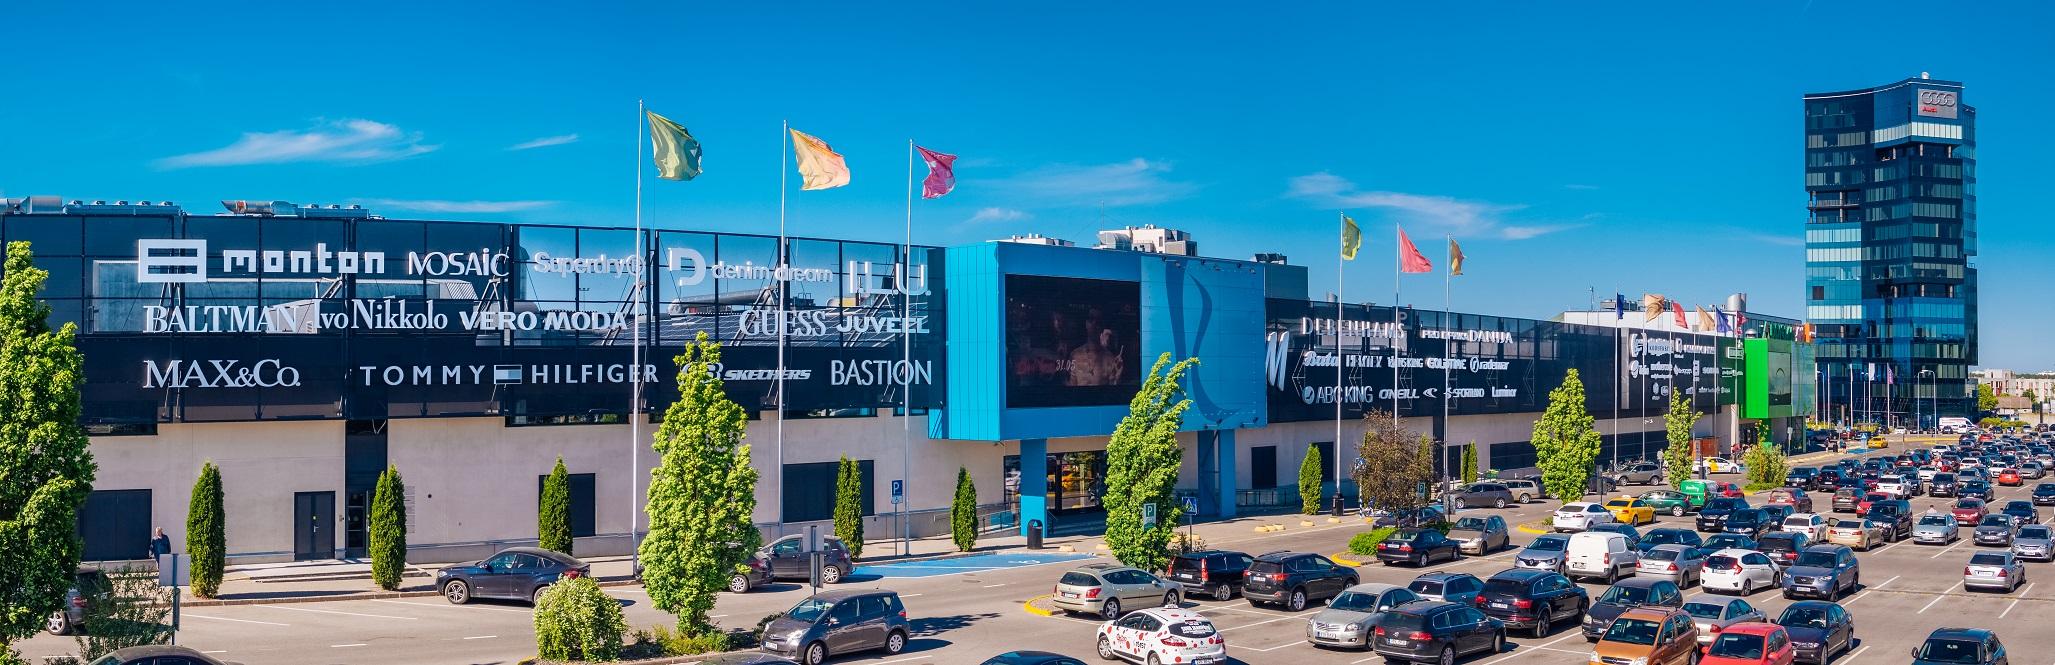 6f238b9acff 2018. aasta suveks oli Rocca Al Mare keskus esimene suur kaubanduskeskus,  kes joonis oma parkimisalal parkimiskohad 2,7 m laiuseks.